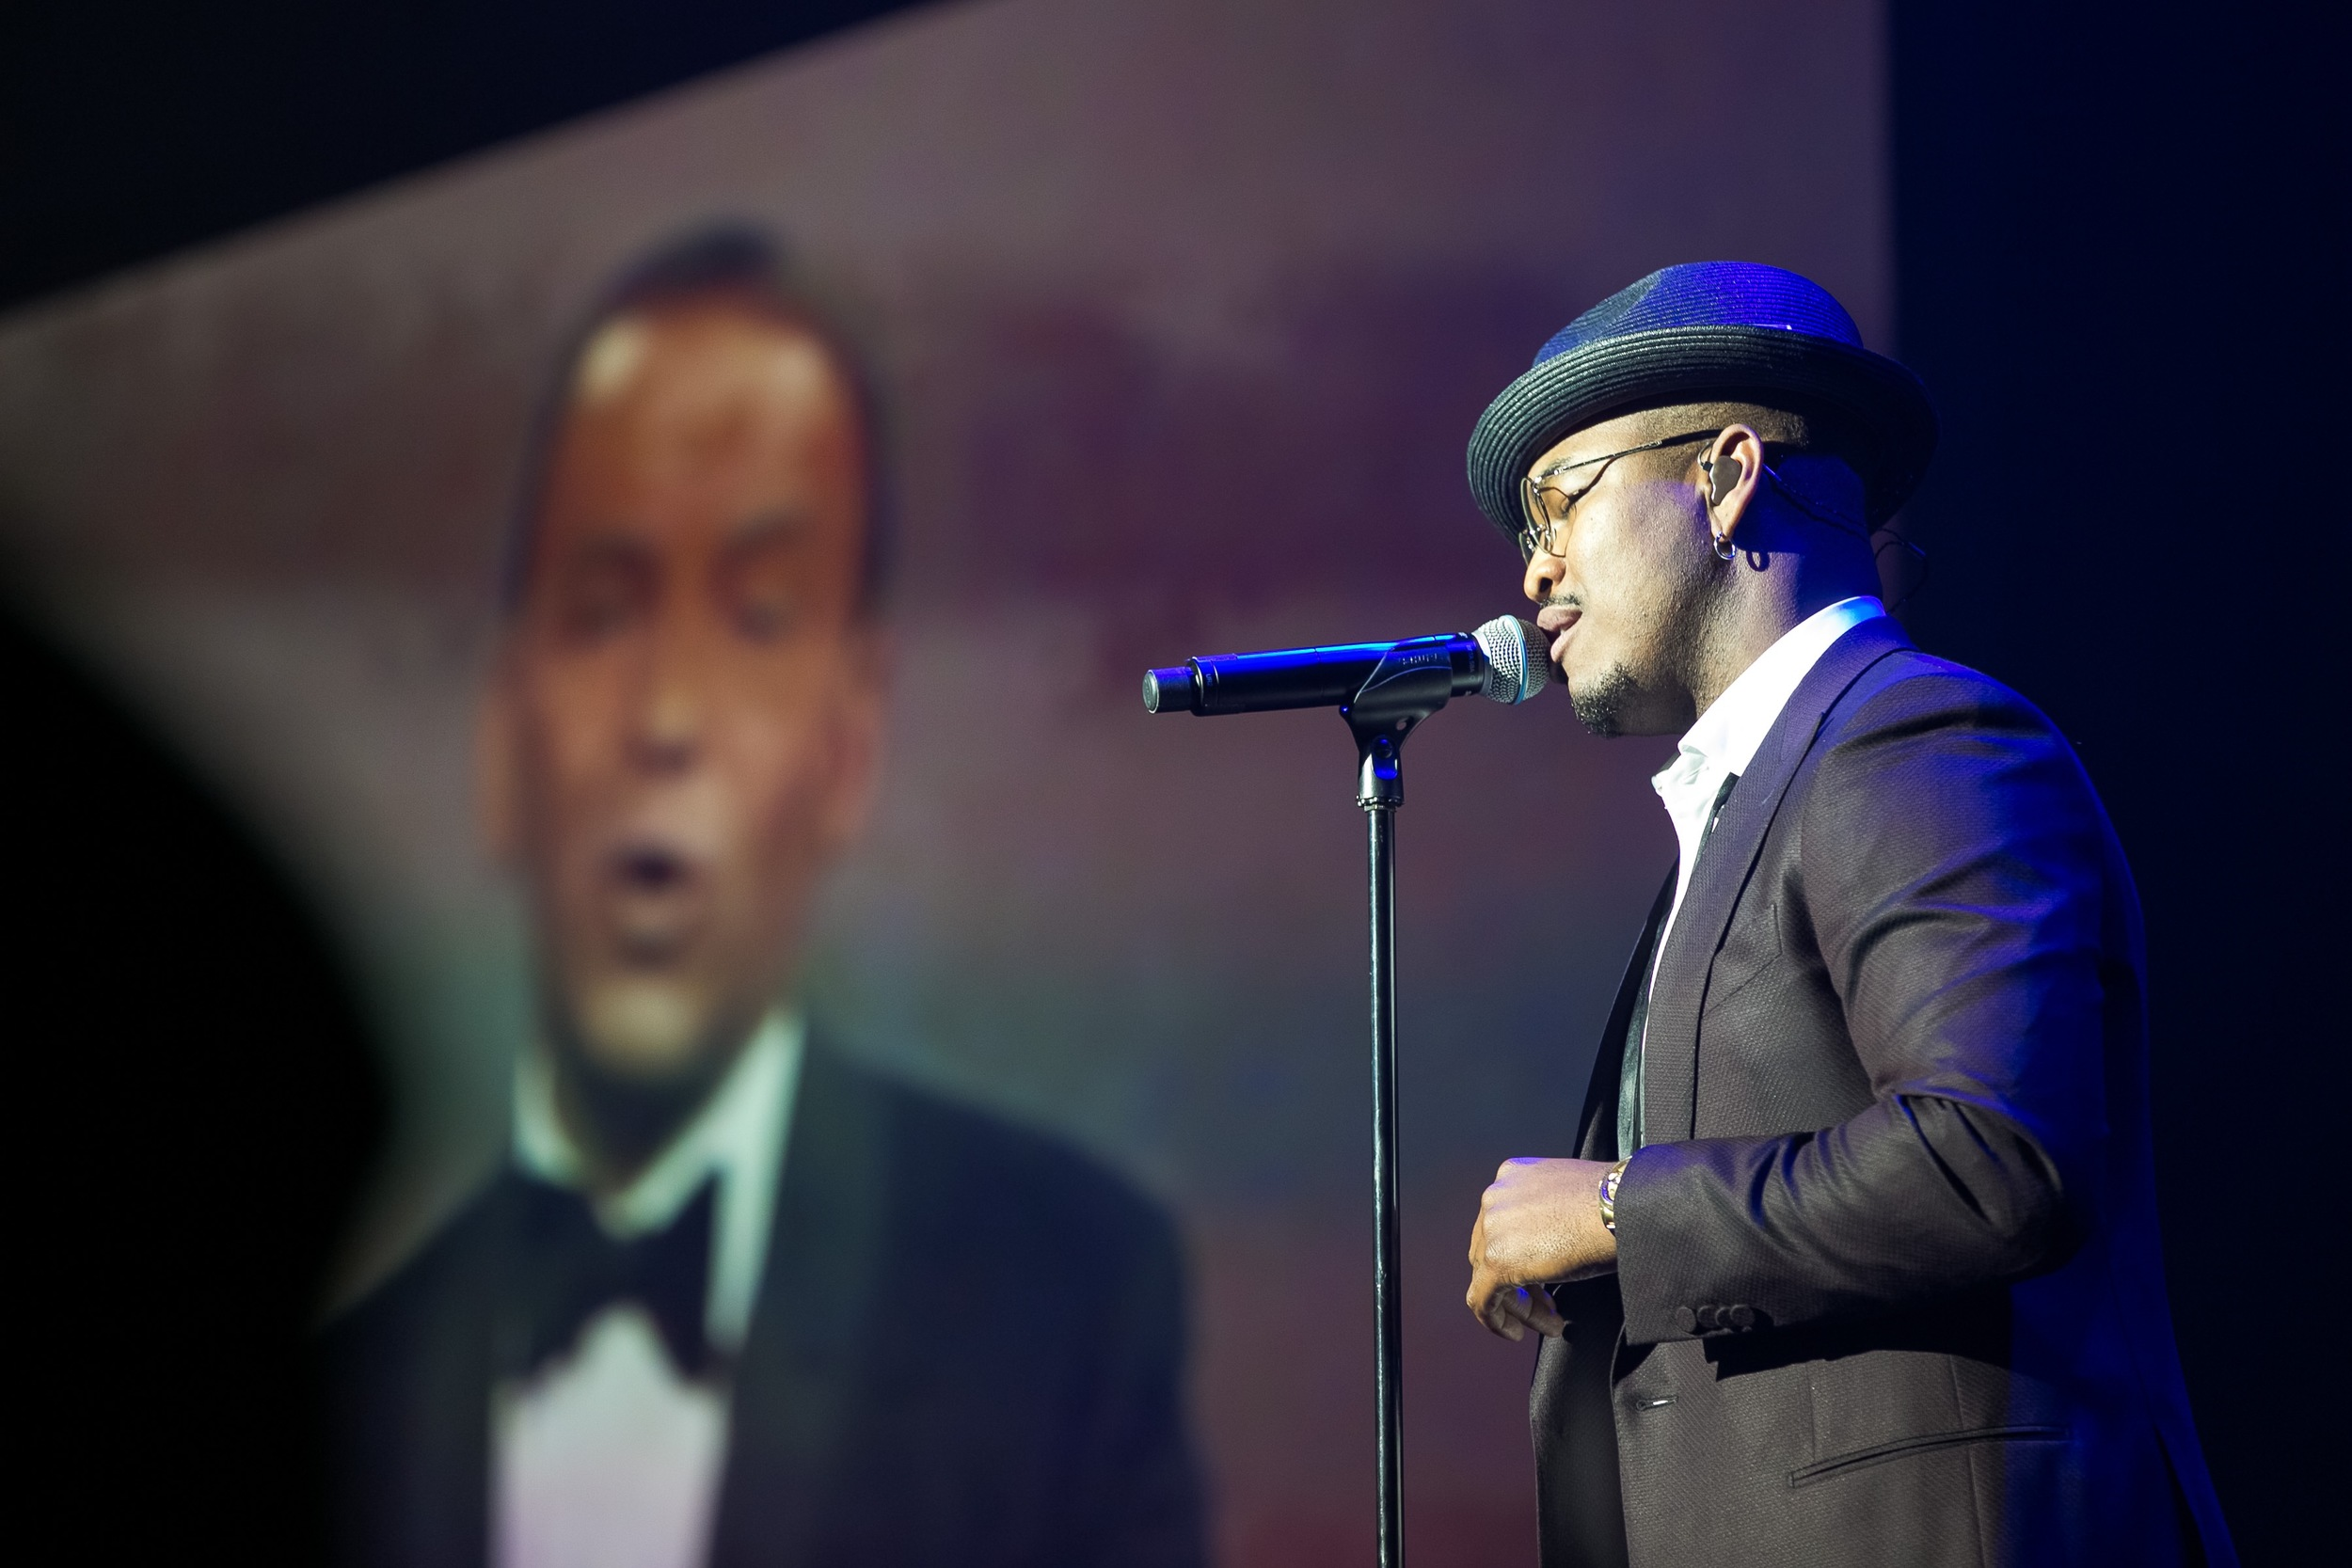 20150421-TFF Sinatra at 100-718.jpg